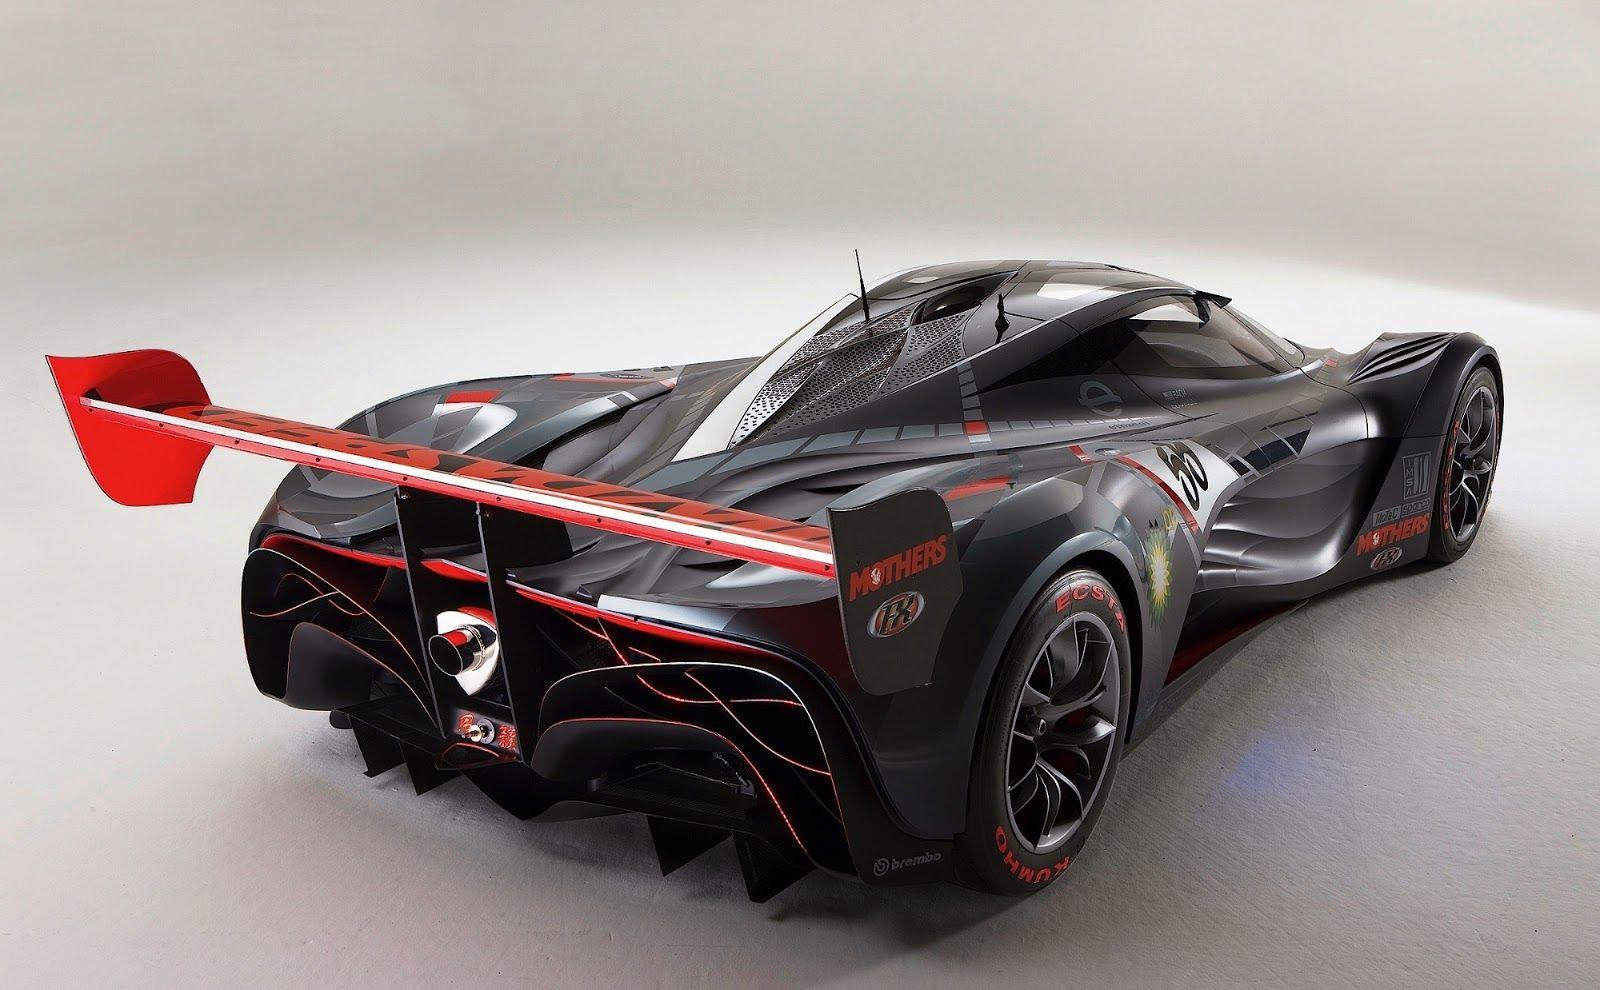 Mazda-Furai-Rear-Side-View | Concept cars, Mazda, Mazda cars